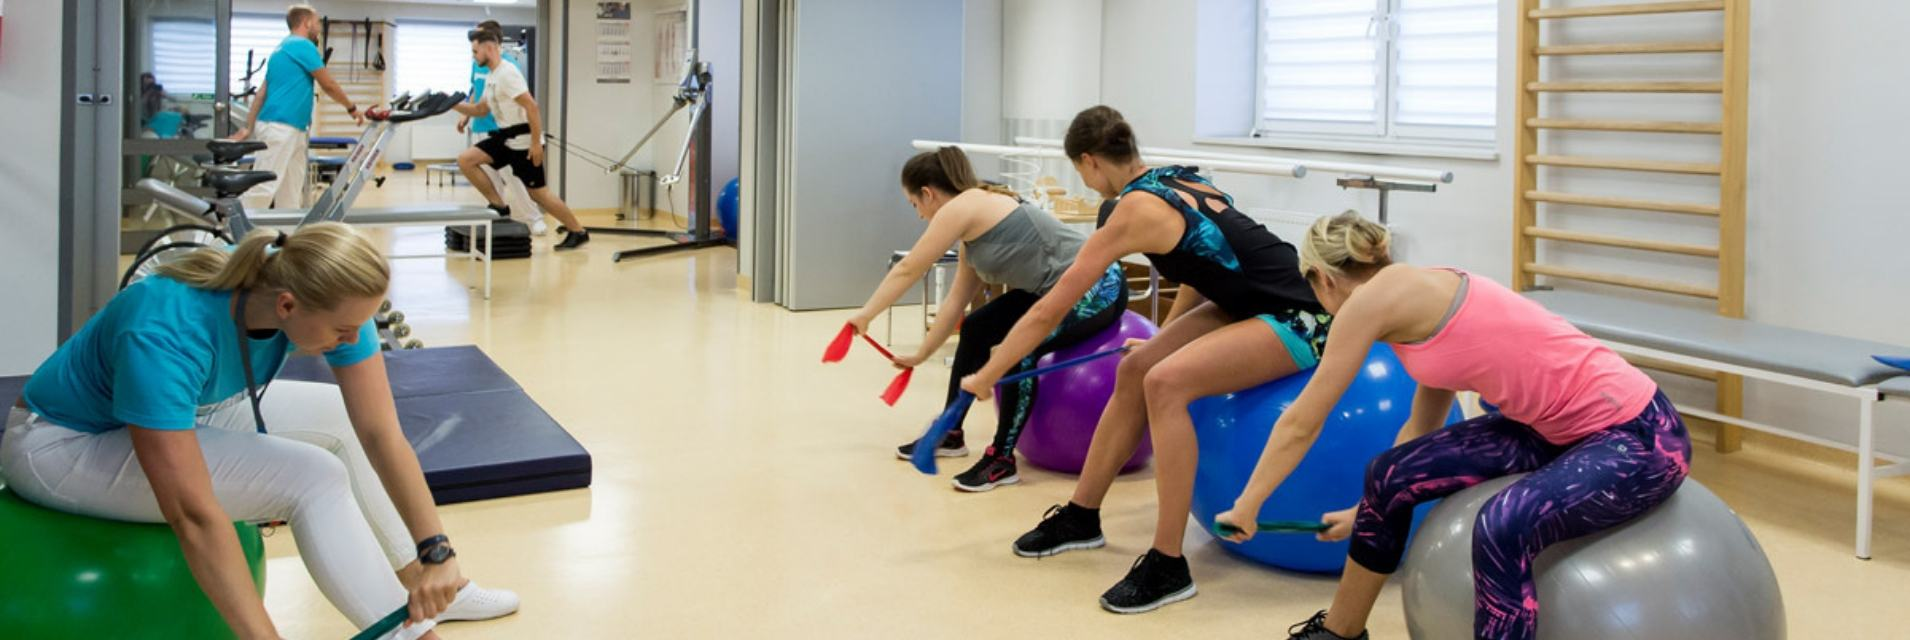 strefa_treningu_baner